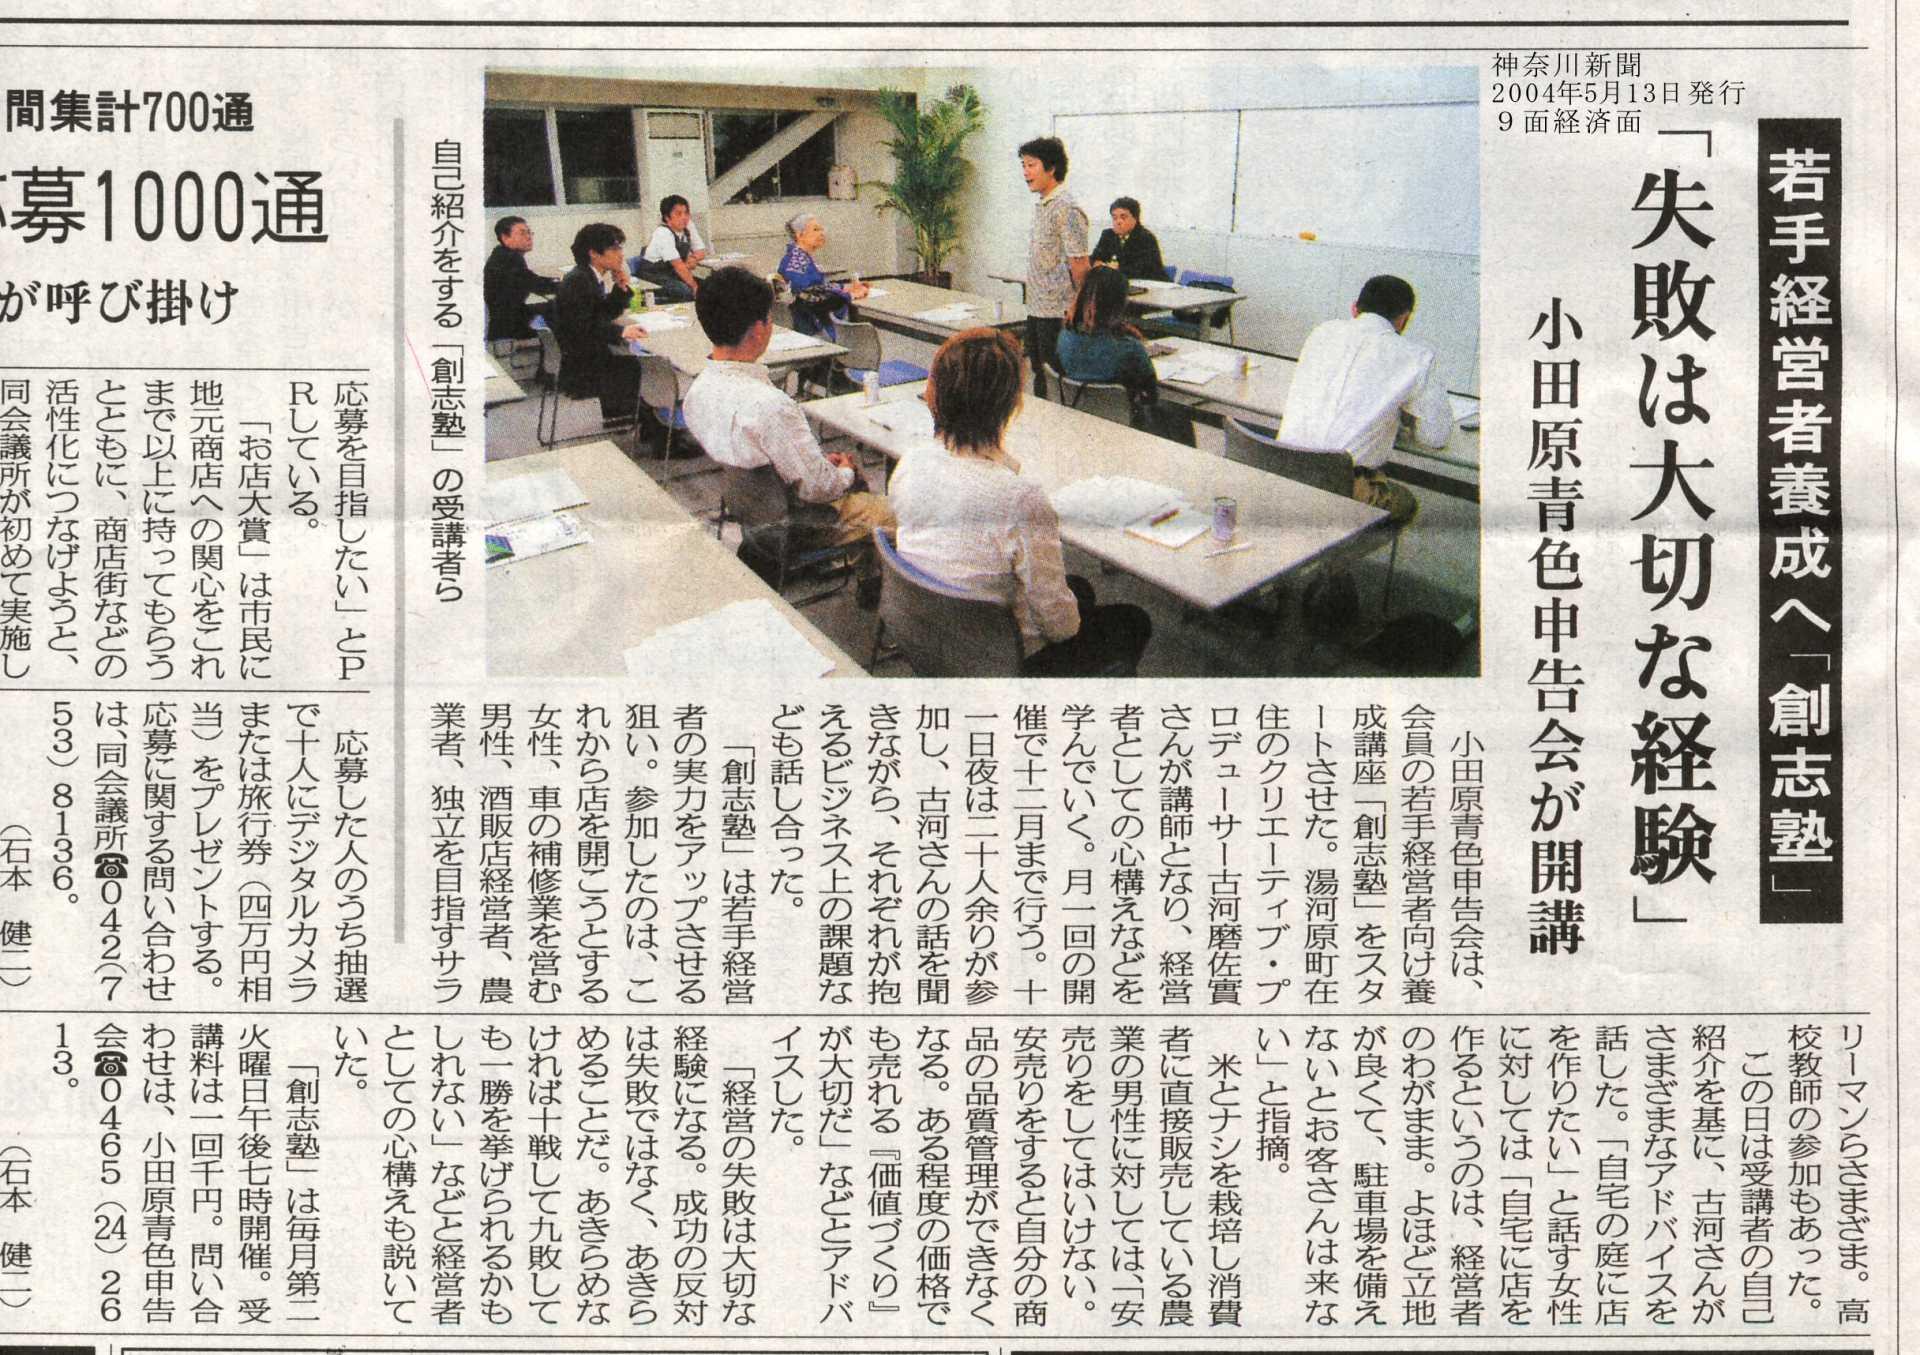 神奈川新聞 若手経営者勉強会「創志塾」の紹介